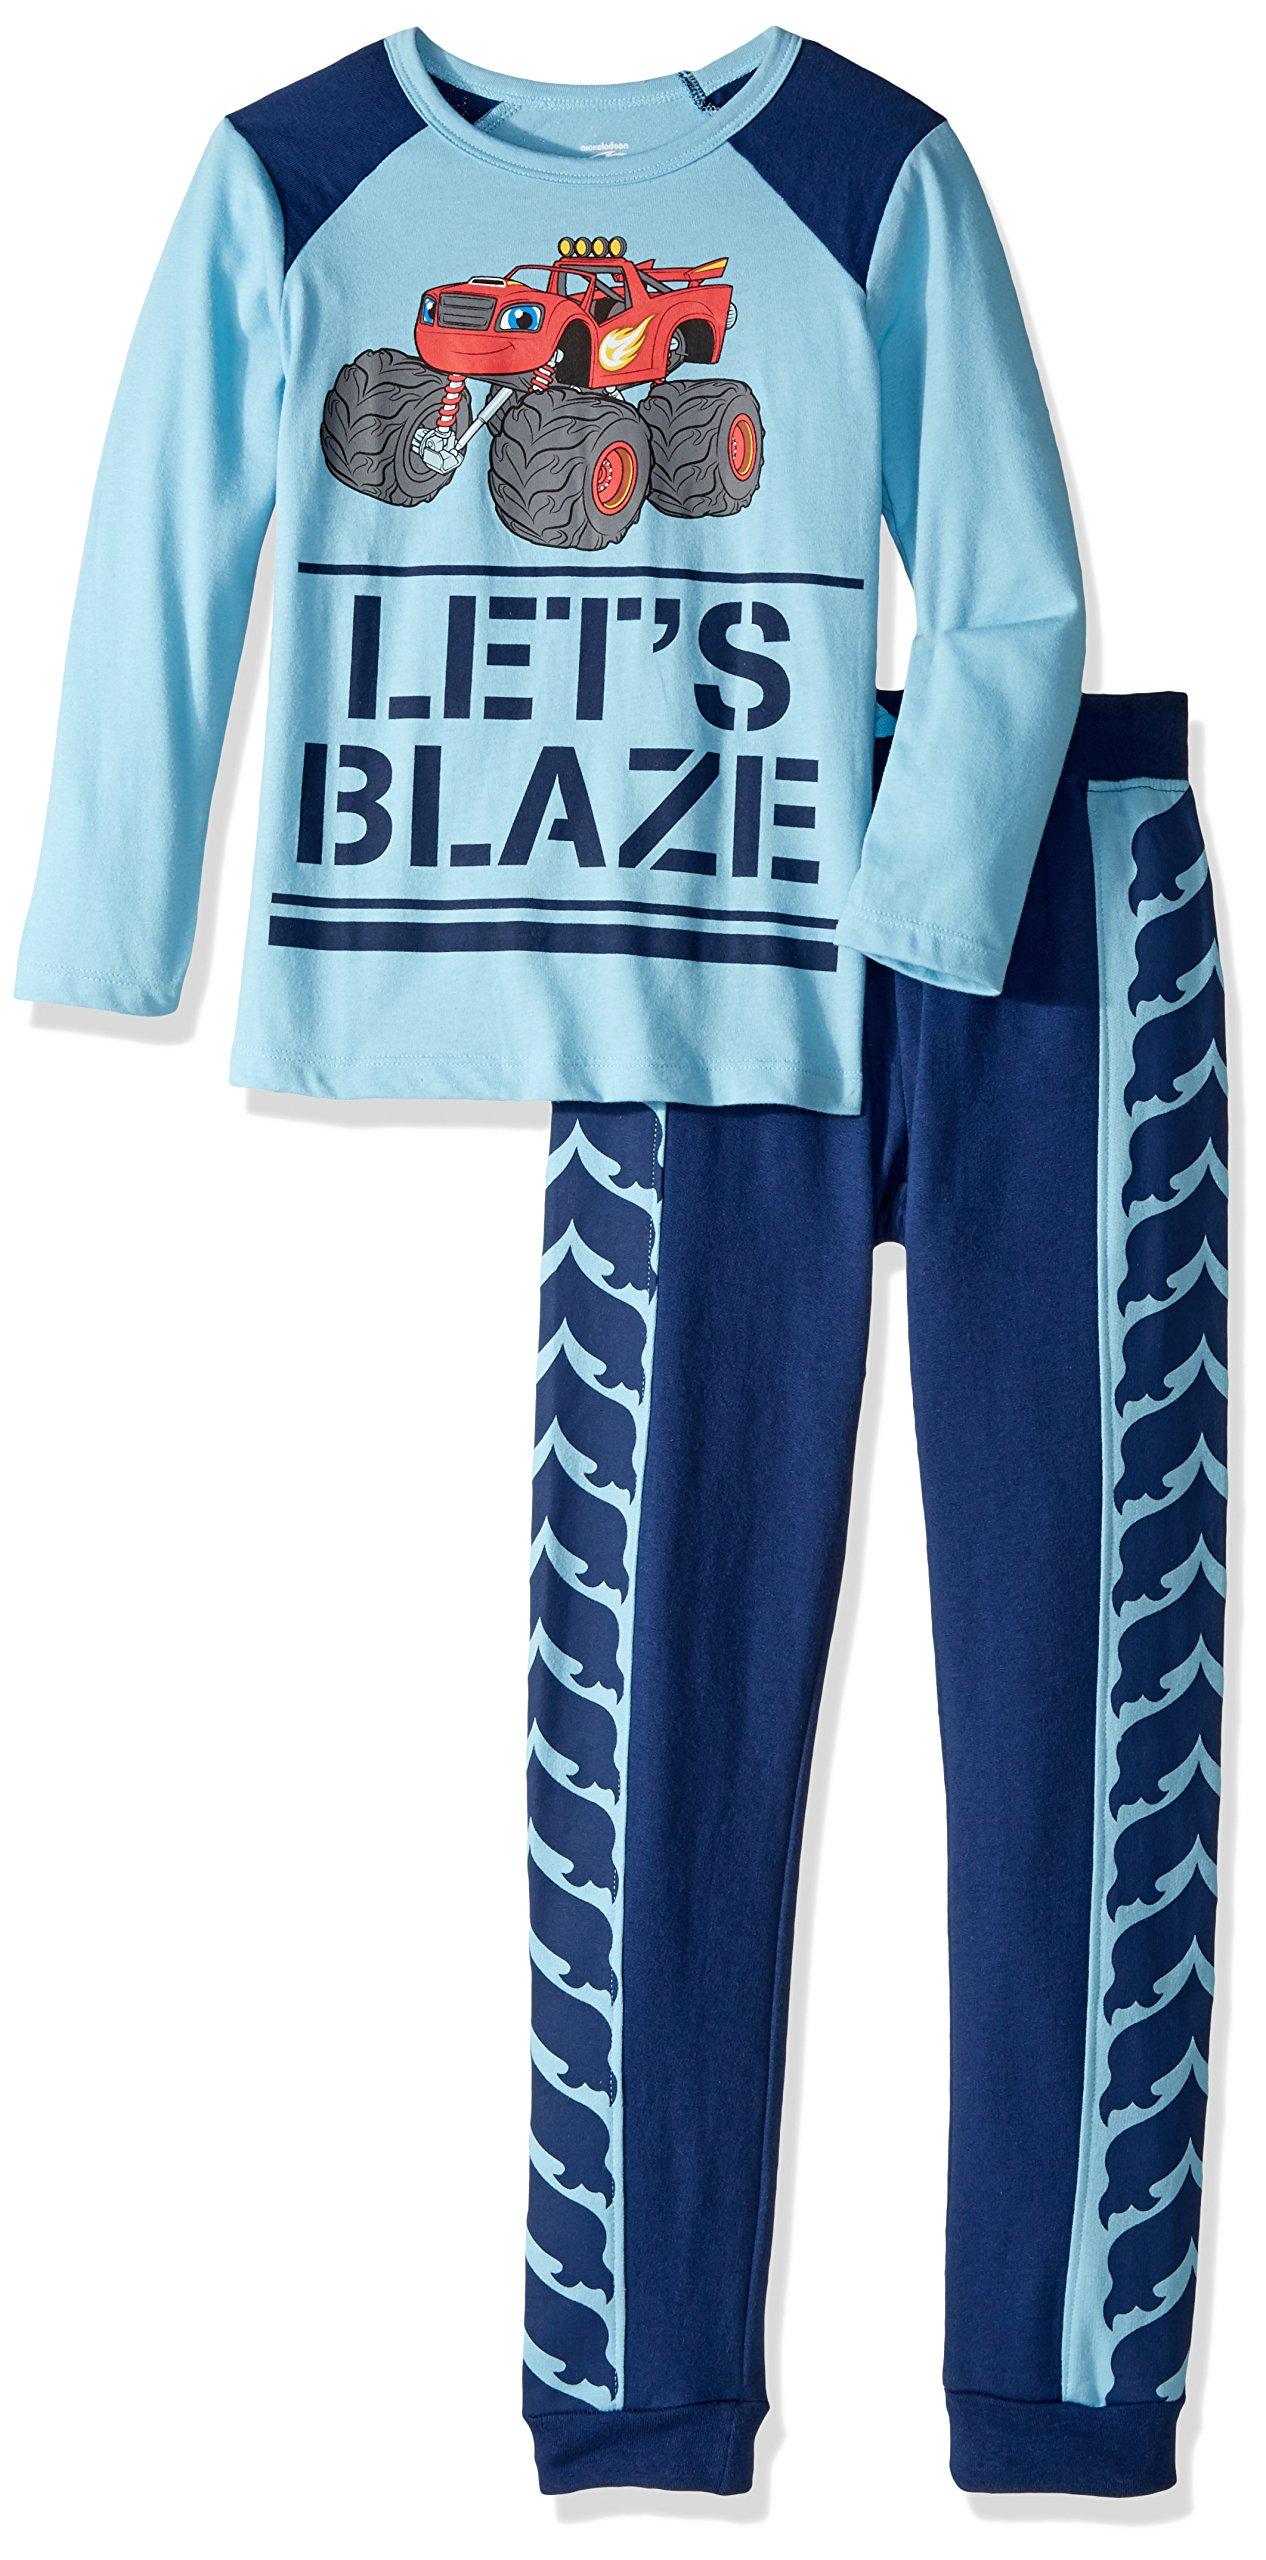 Nickelodeon Toddler Boys' Blaze Built for Speed Jogger Set, Blue/Multi, 5T